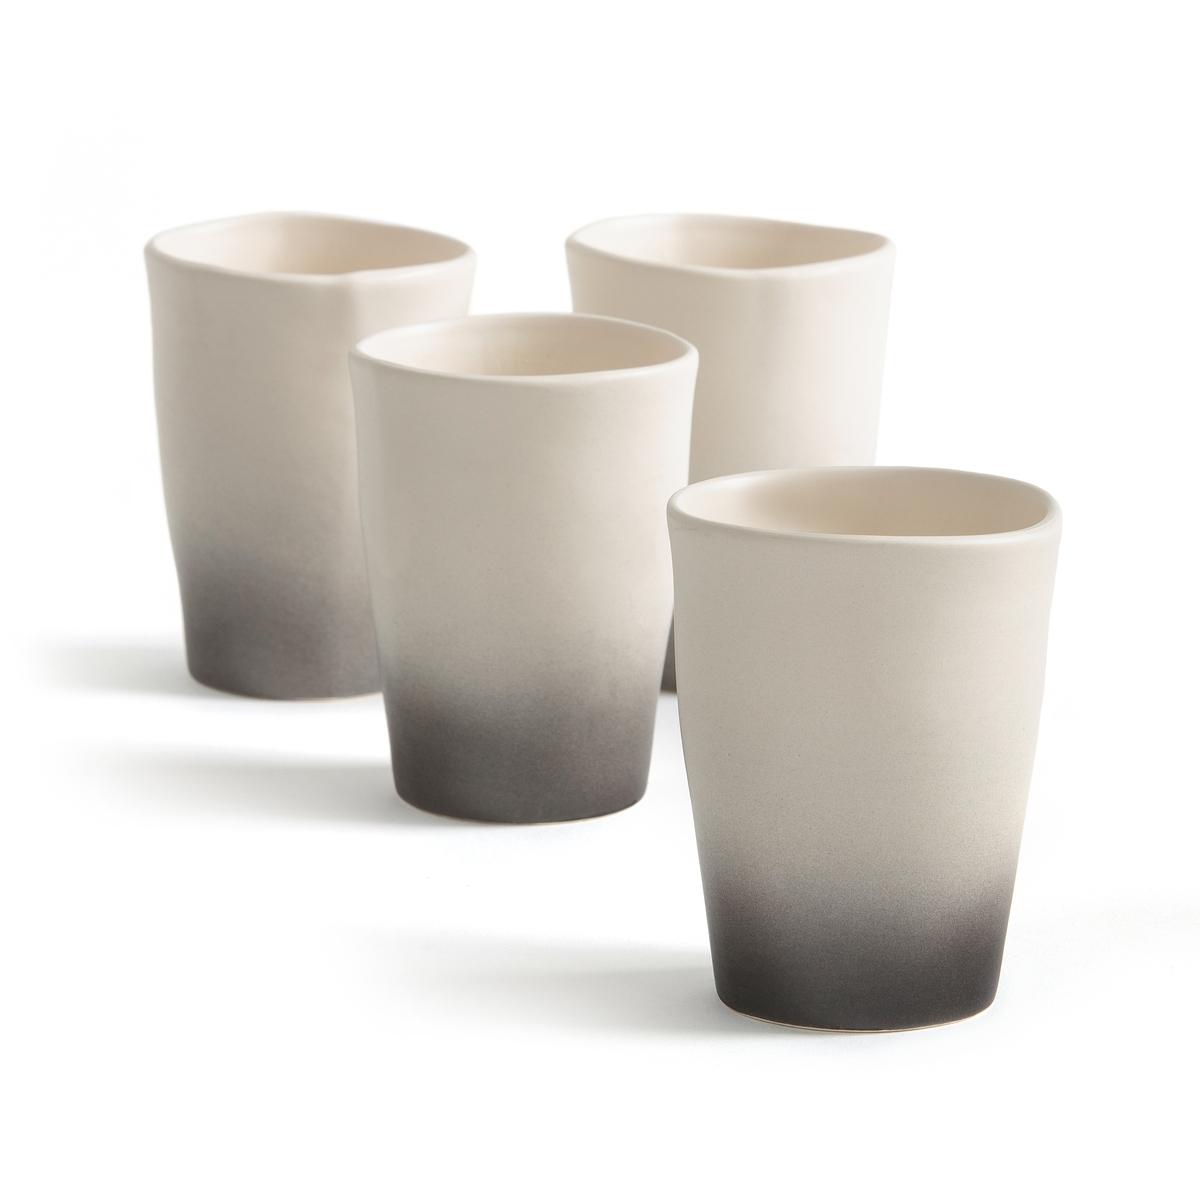 Чашка чайная из фаянса Asaka By V. Barkowski (x4)4 чайные чашки Asaka. Творение Валери Барковски эксклюзивно для AM .PM коллекция предметов для стола, созданная под вдохновением от ее путешествий в Индию или Марокко, с оригинальными рисунками и формами, из натуральных материалов и текстуры ткани без отделки.Аутентичность и вечность - вот ее ключевые слова, в которые в полной мере вписываются ее творения, находящиеся за пределами модных веяний, соединяющих простоту, оригинальность и ручное производство  .Без ручки для большей легкости и эмалированный фаянс с оригинальной отделкой :  верх белого цвета и гладкий, низ - черного цвета и слегка шероховатый  . Характеристики : - Из эмалированного фаянса - Можно использовать в микроволновой печи и мыть в посудомоечной машине. - Вместимость 250 мл .Размеры : - ?8,5 x H11 см<br><br>Цвет: черный/ белый<br>Размер: единый размер